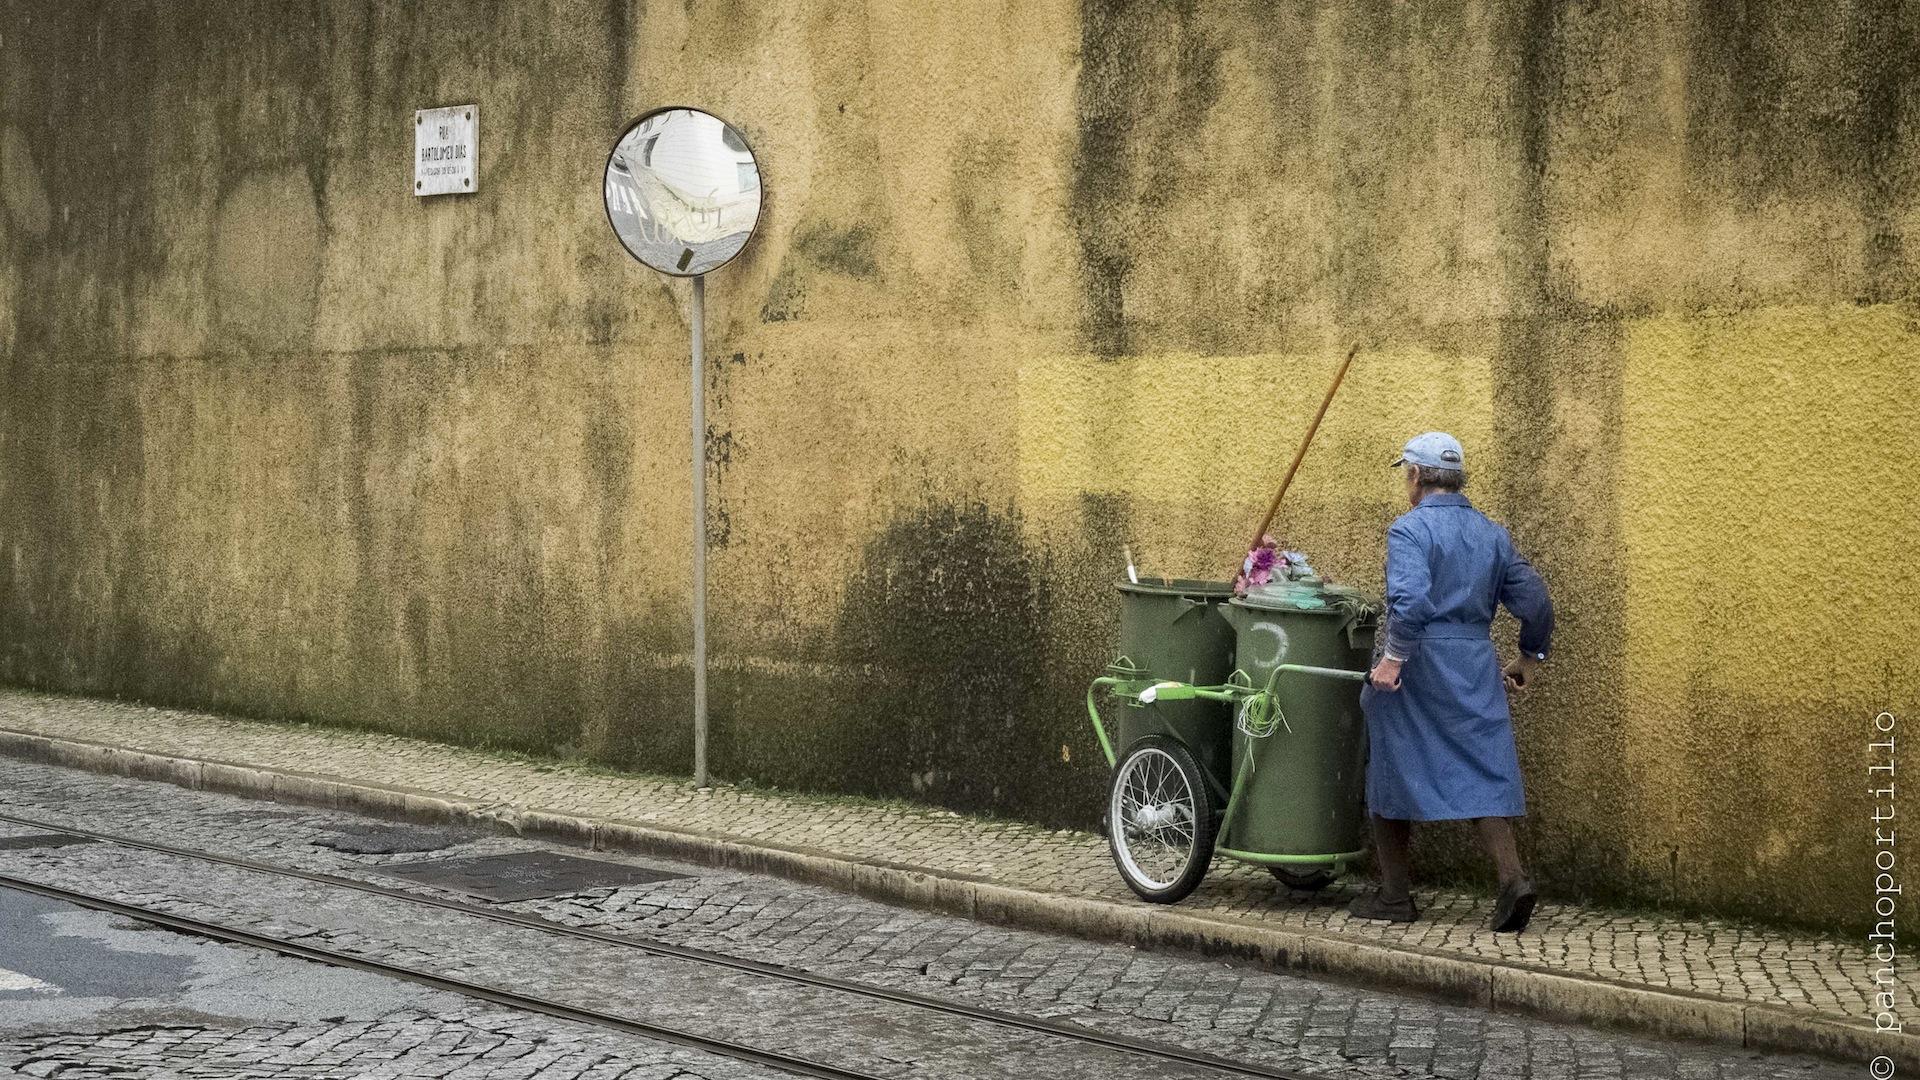 Lisboa-21-PP@140203-49